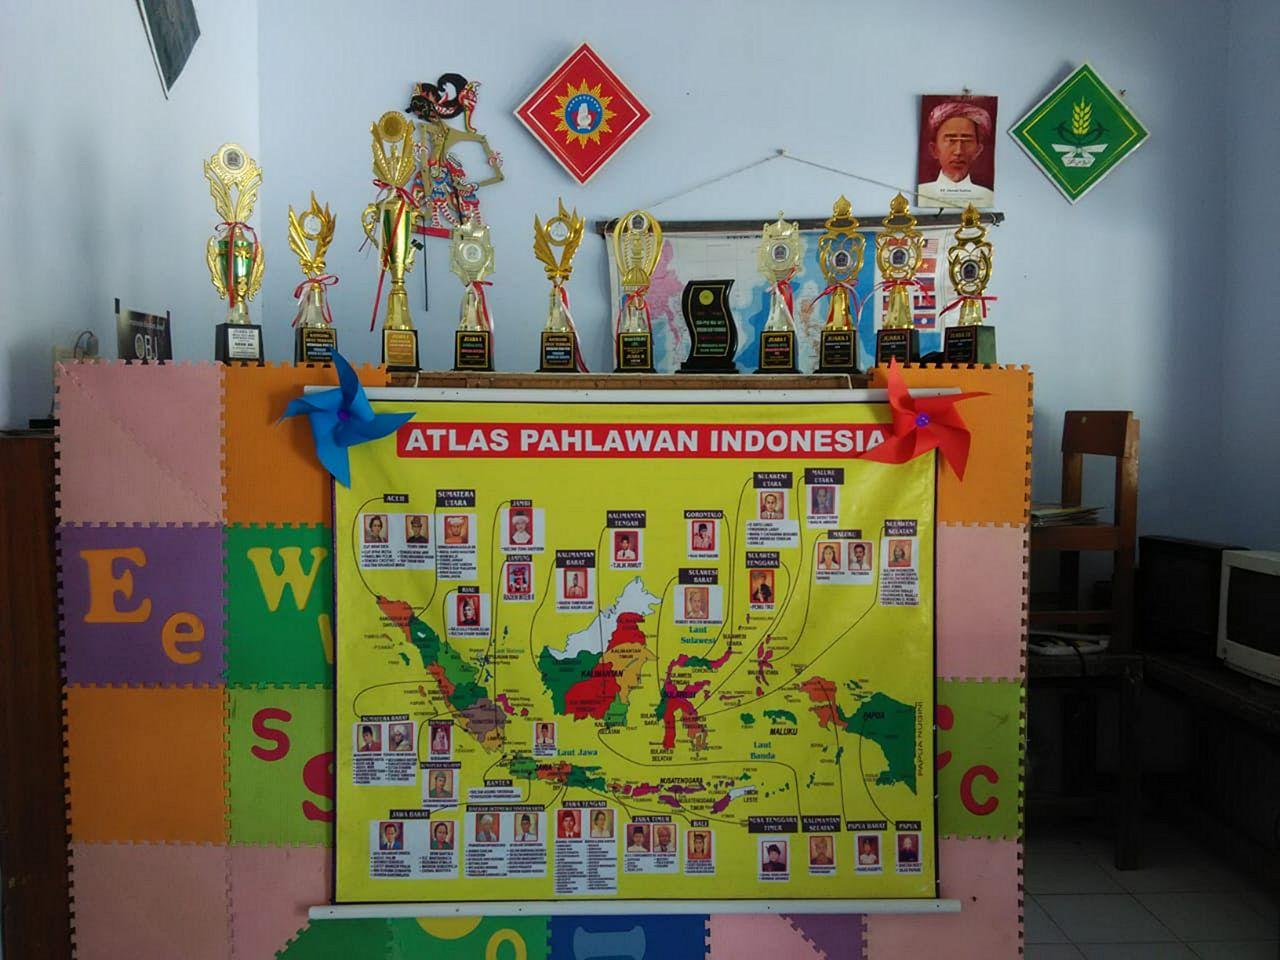 SD Muhammadiyah Bedoyo Sekolah Desa Nuansa Kota 02